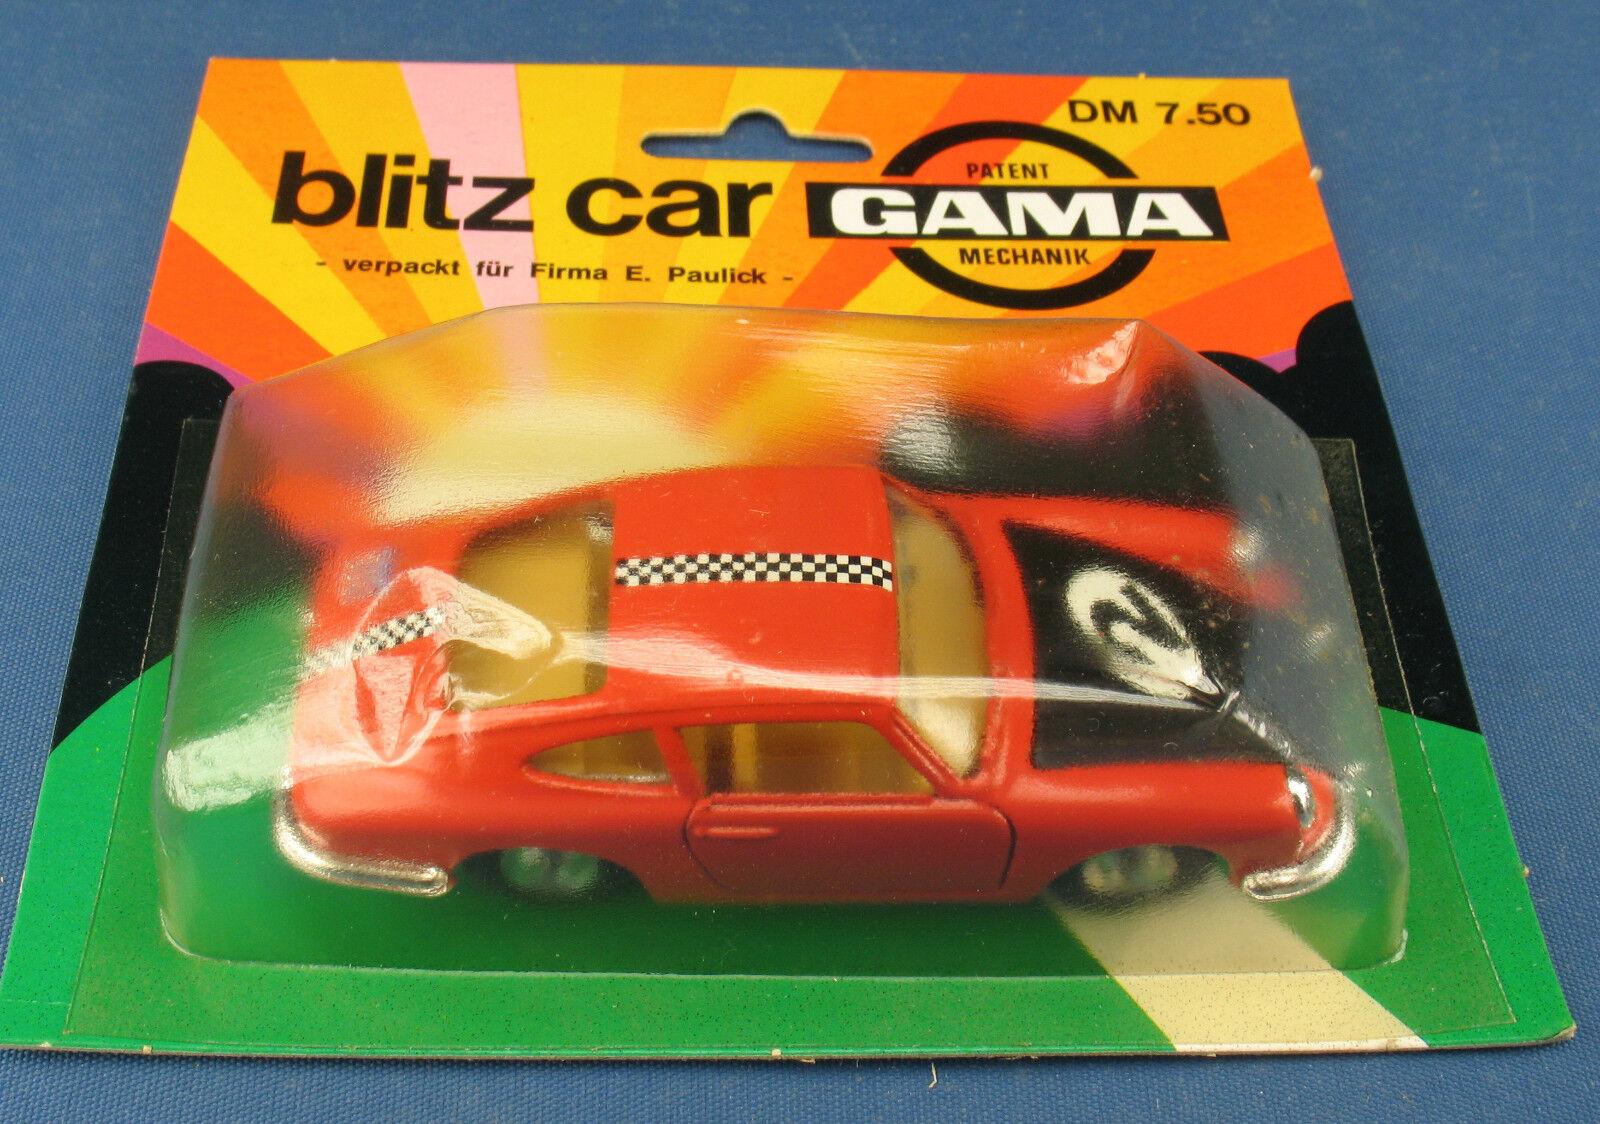 Gama Mini 973-Porsche 911 - 1 42  - United States Auto Club-nouveau in Original Box Model  beaucoup de surprises